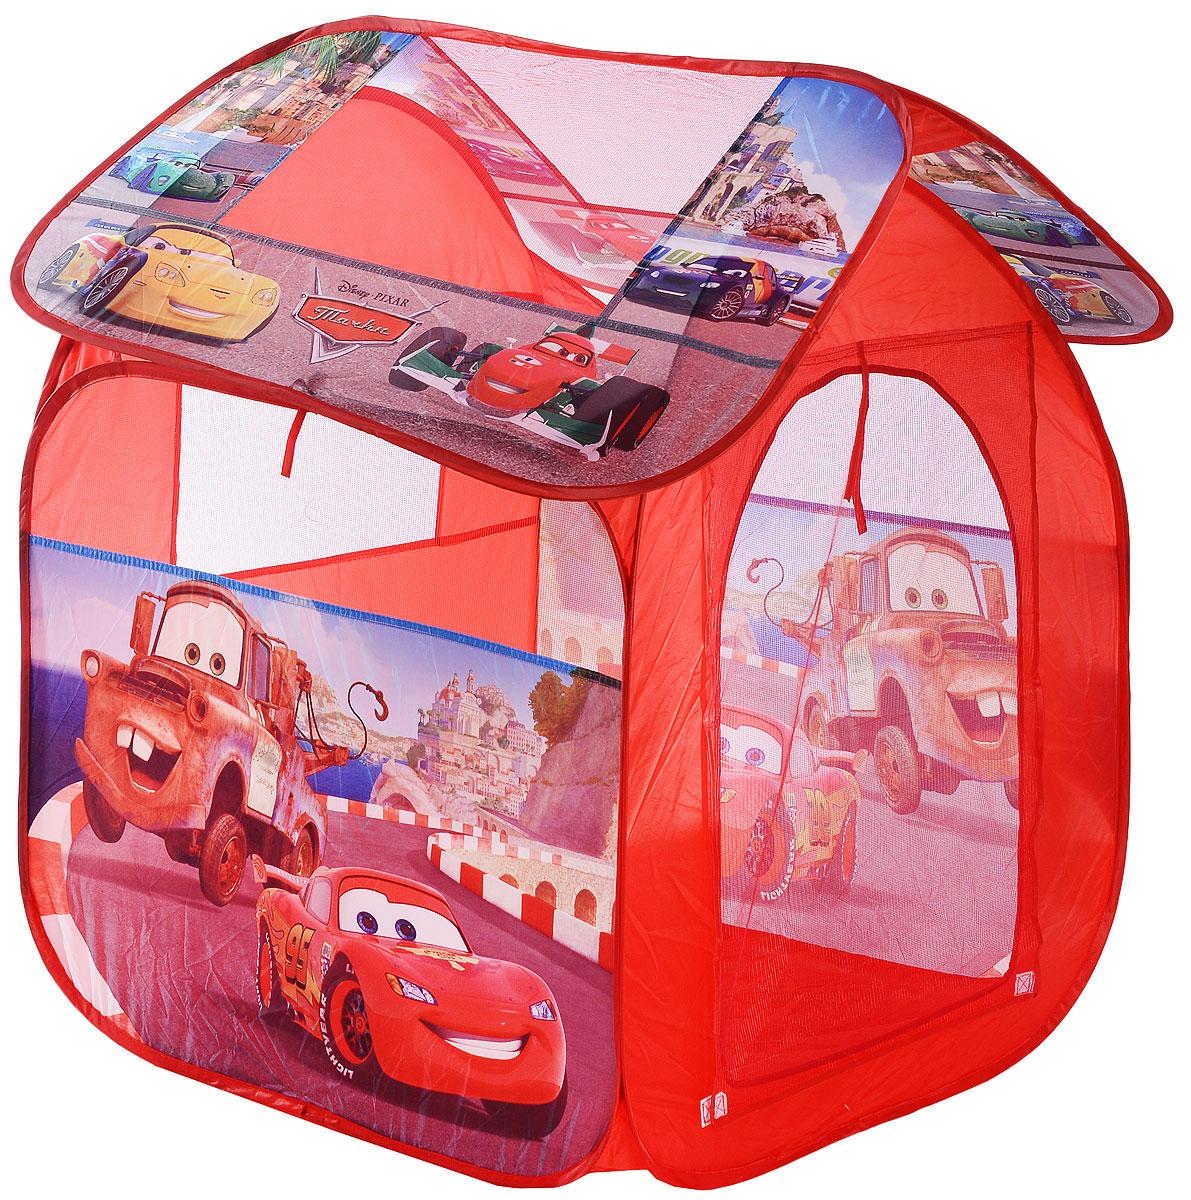 Играем вместе Детская игровая палатка Тачки 83 х 80 х 105 см - Игры на открытом воздухе